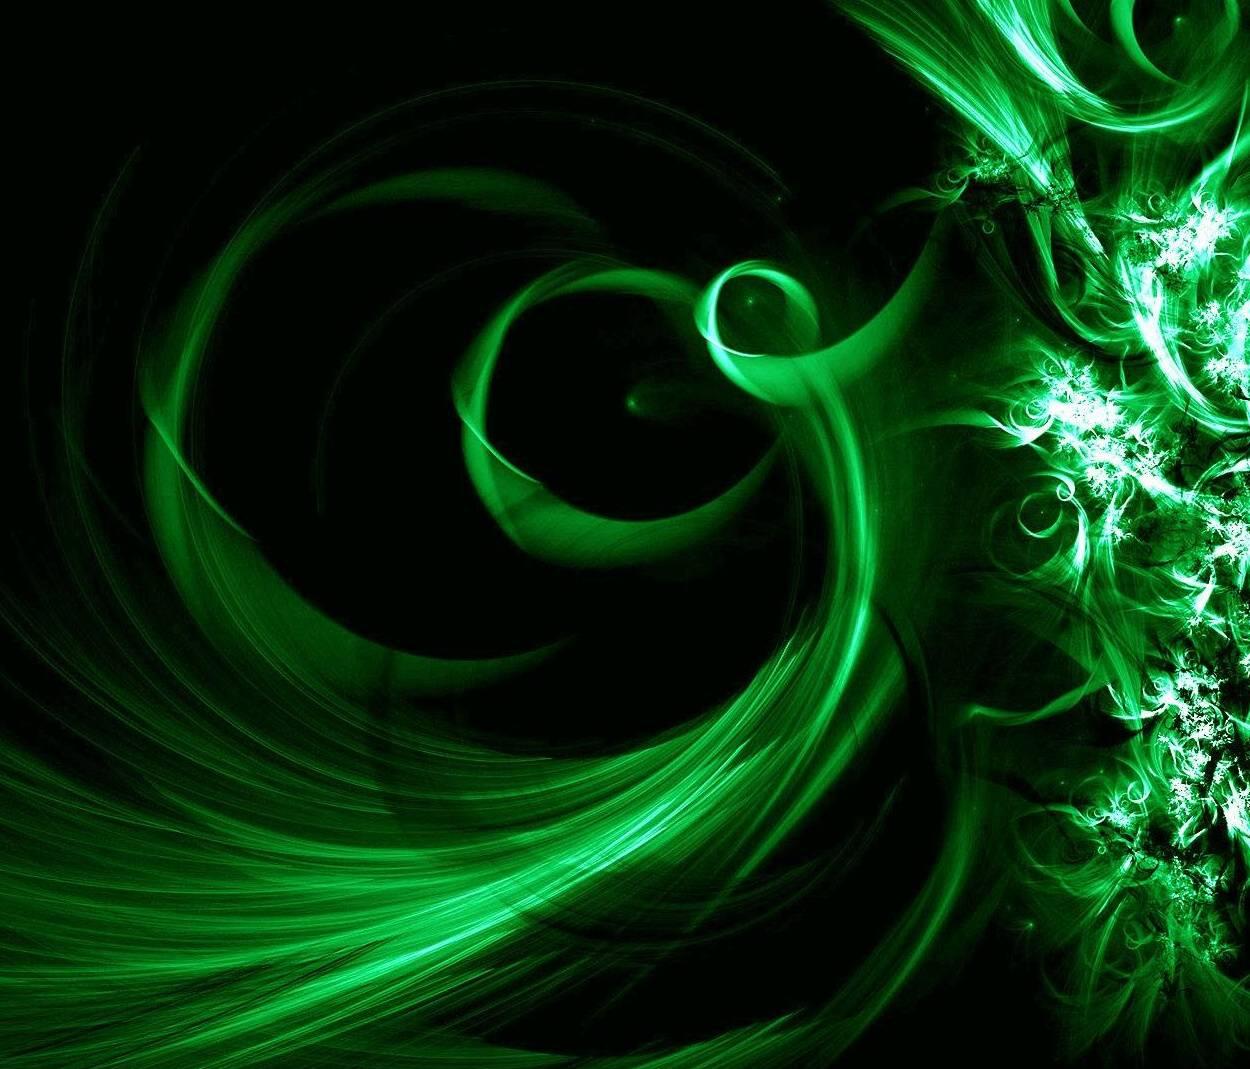 Green Fractals